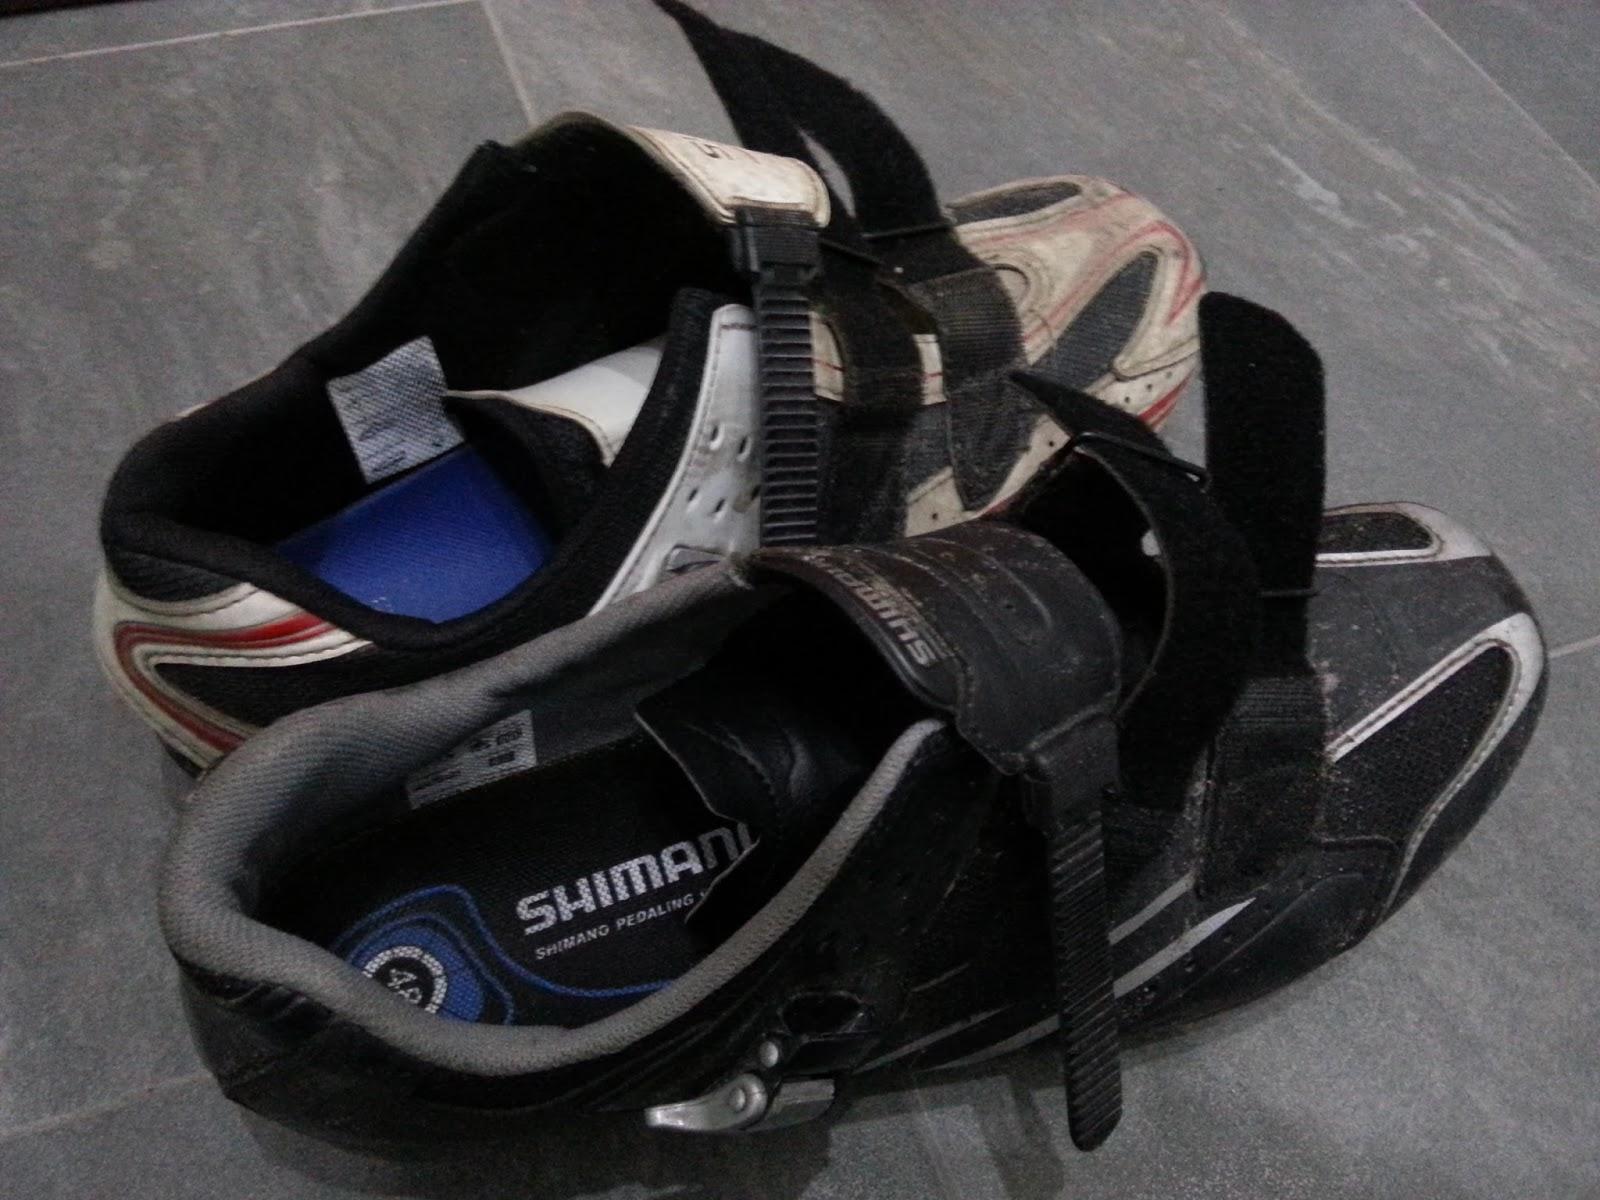 Ochraniacze Shimano S3000x Npu